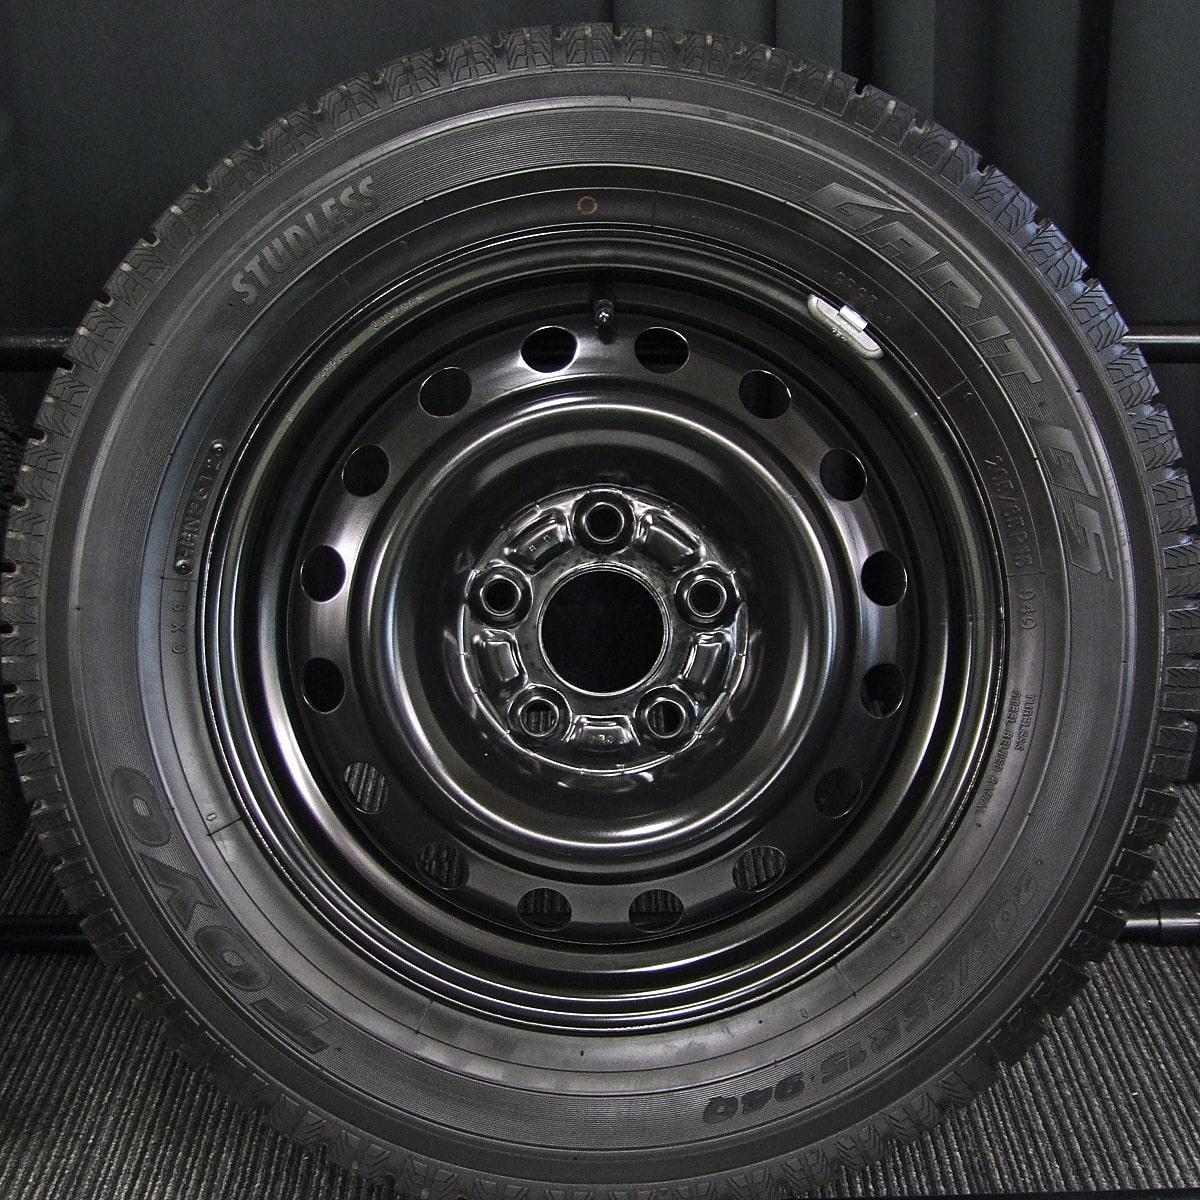 HONDA ステップワゴン 純正 ブラックスチール TOYO GARIT G5 205/65R15 4本SET